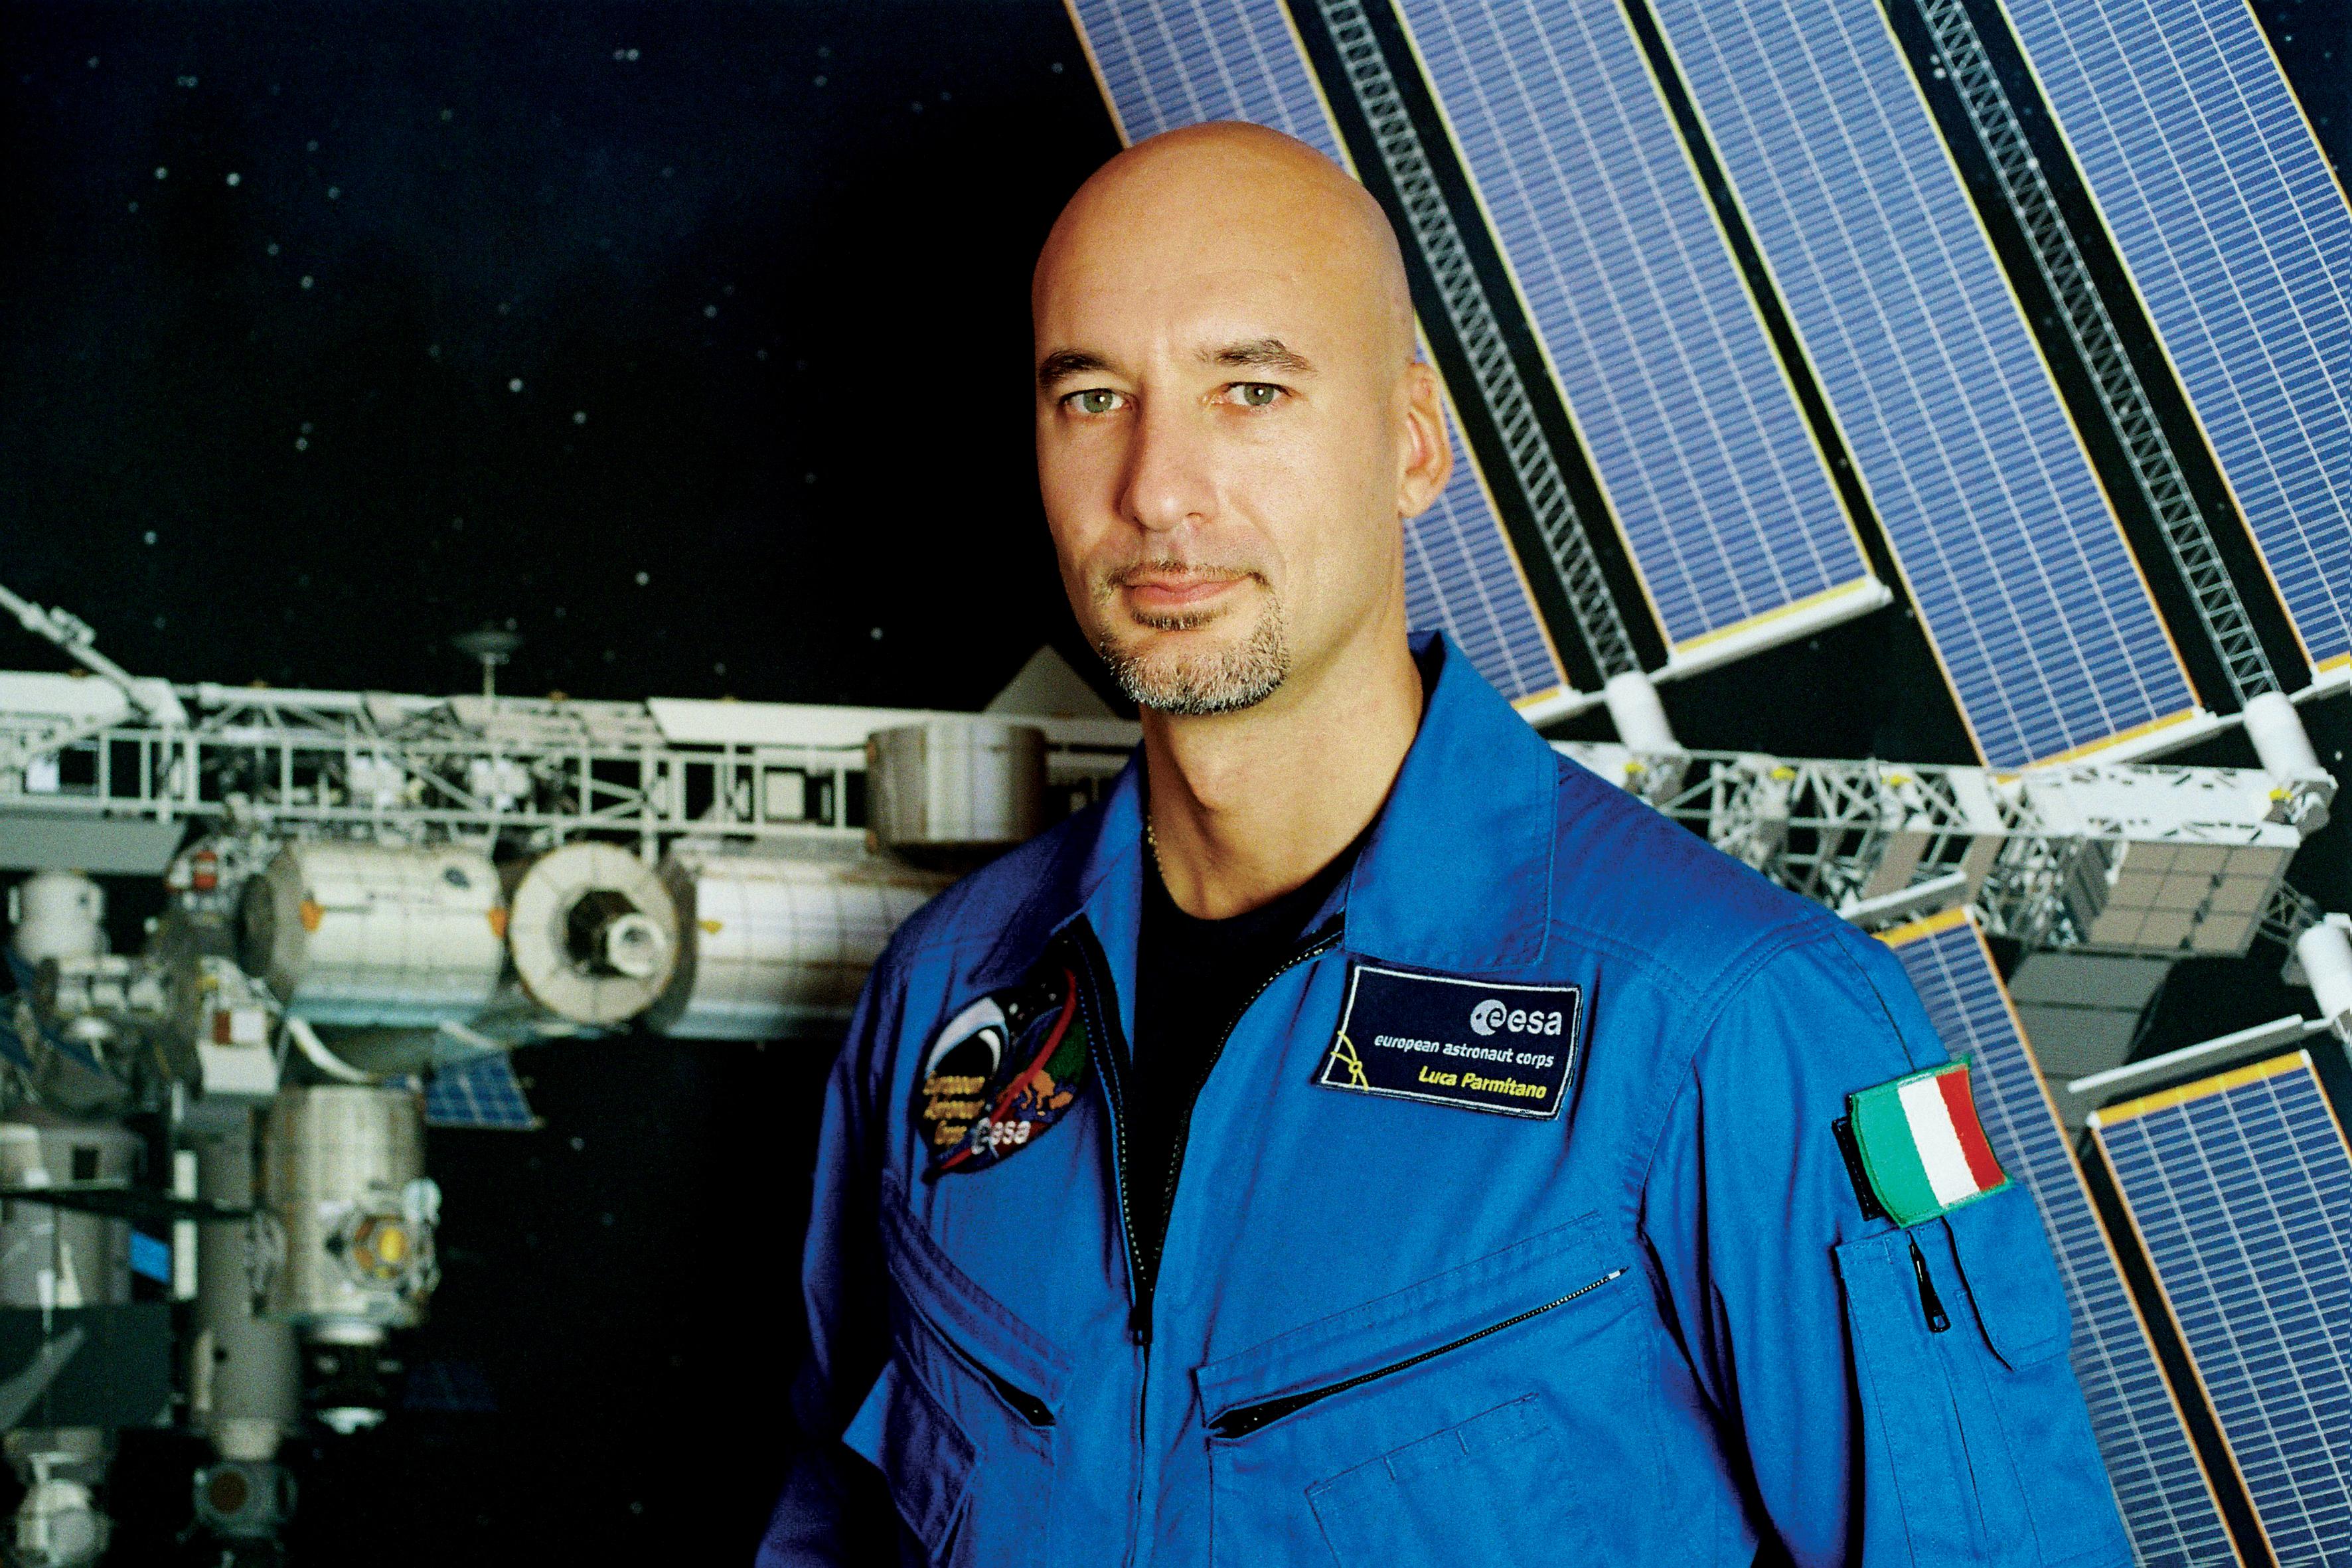 Esa,  Luca Parmitano diventa capo dell'Ufficio operazioni astronauti